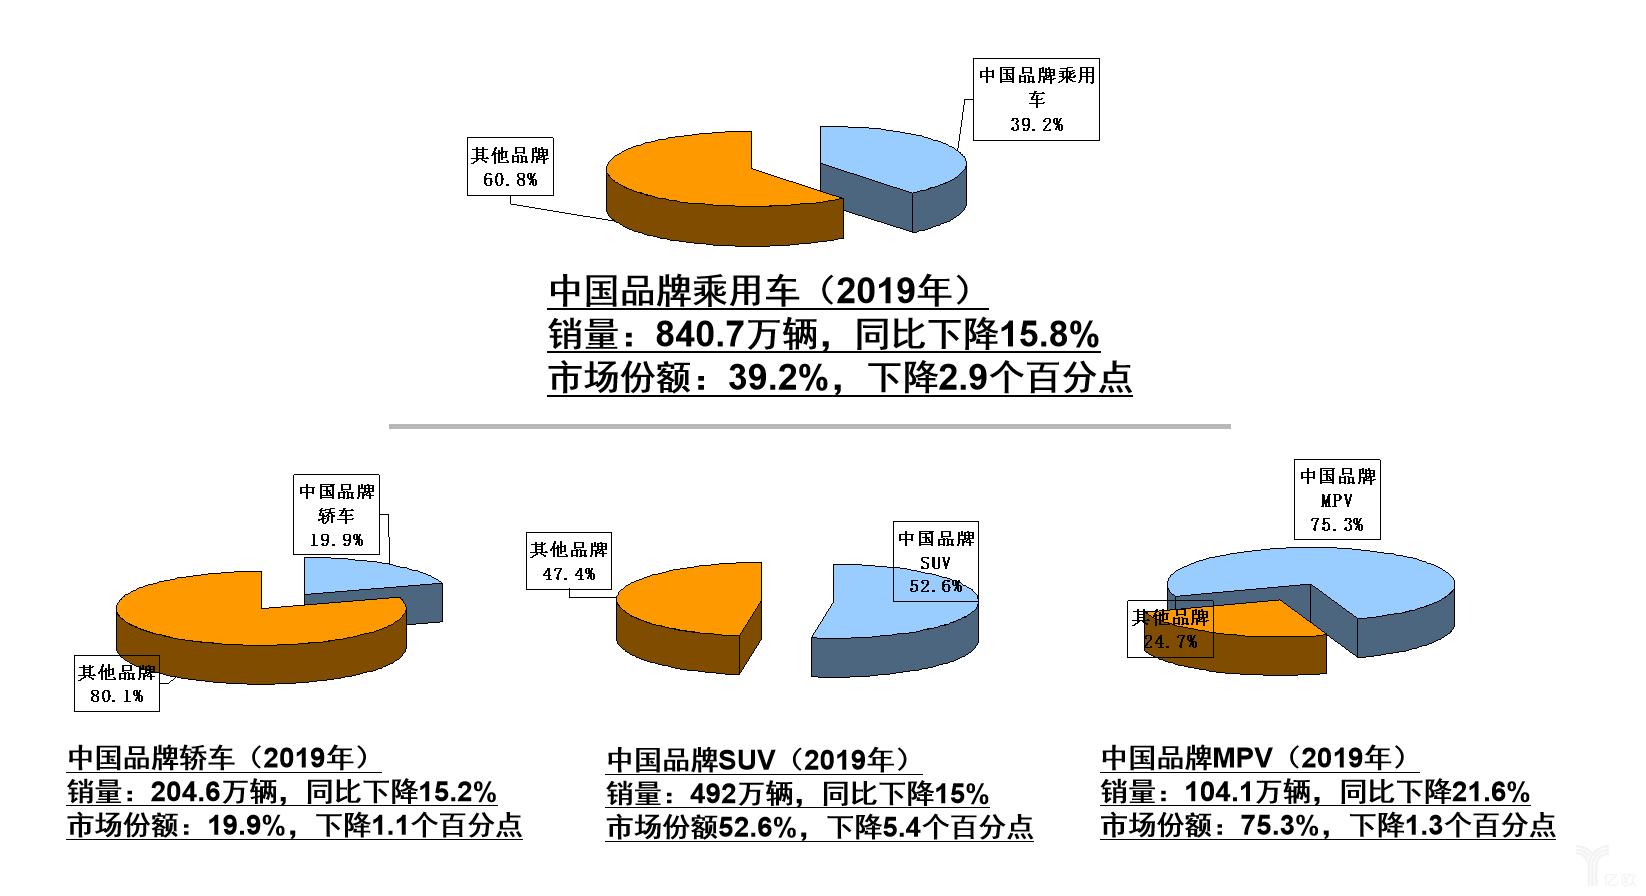 2019年中国品牌乘用车销量与市场份额统计